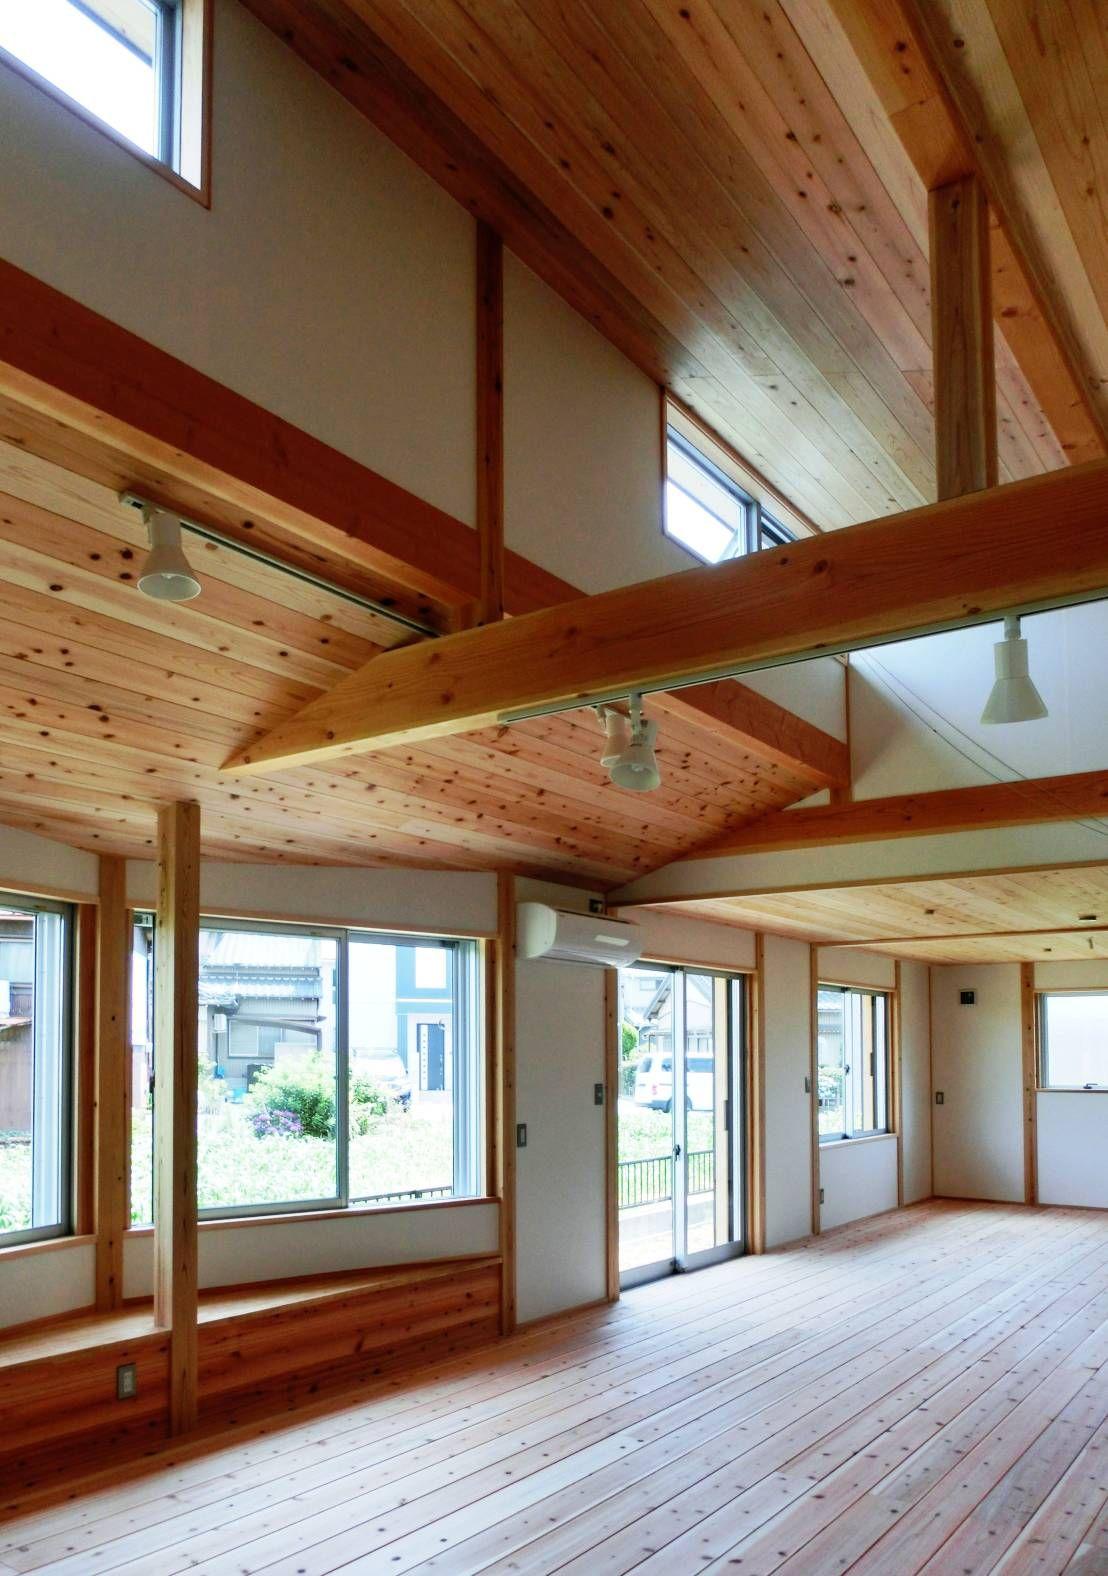 1000万円台で実現 老後を楽しむ平屋のローコスト住宅 Homify Japan